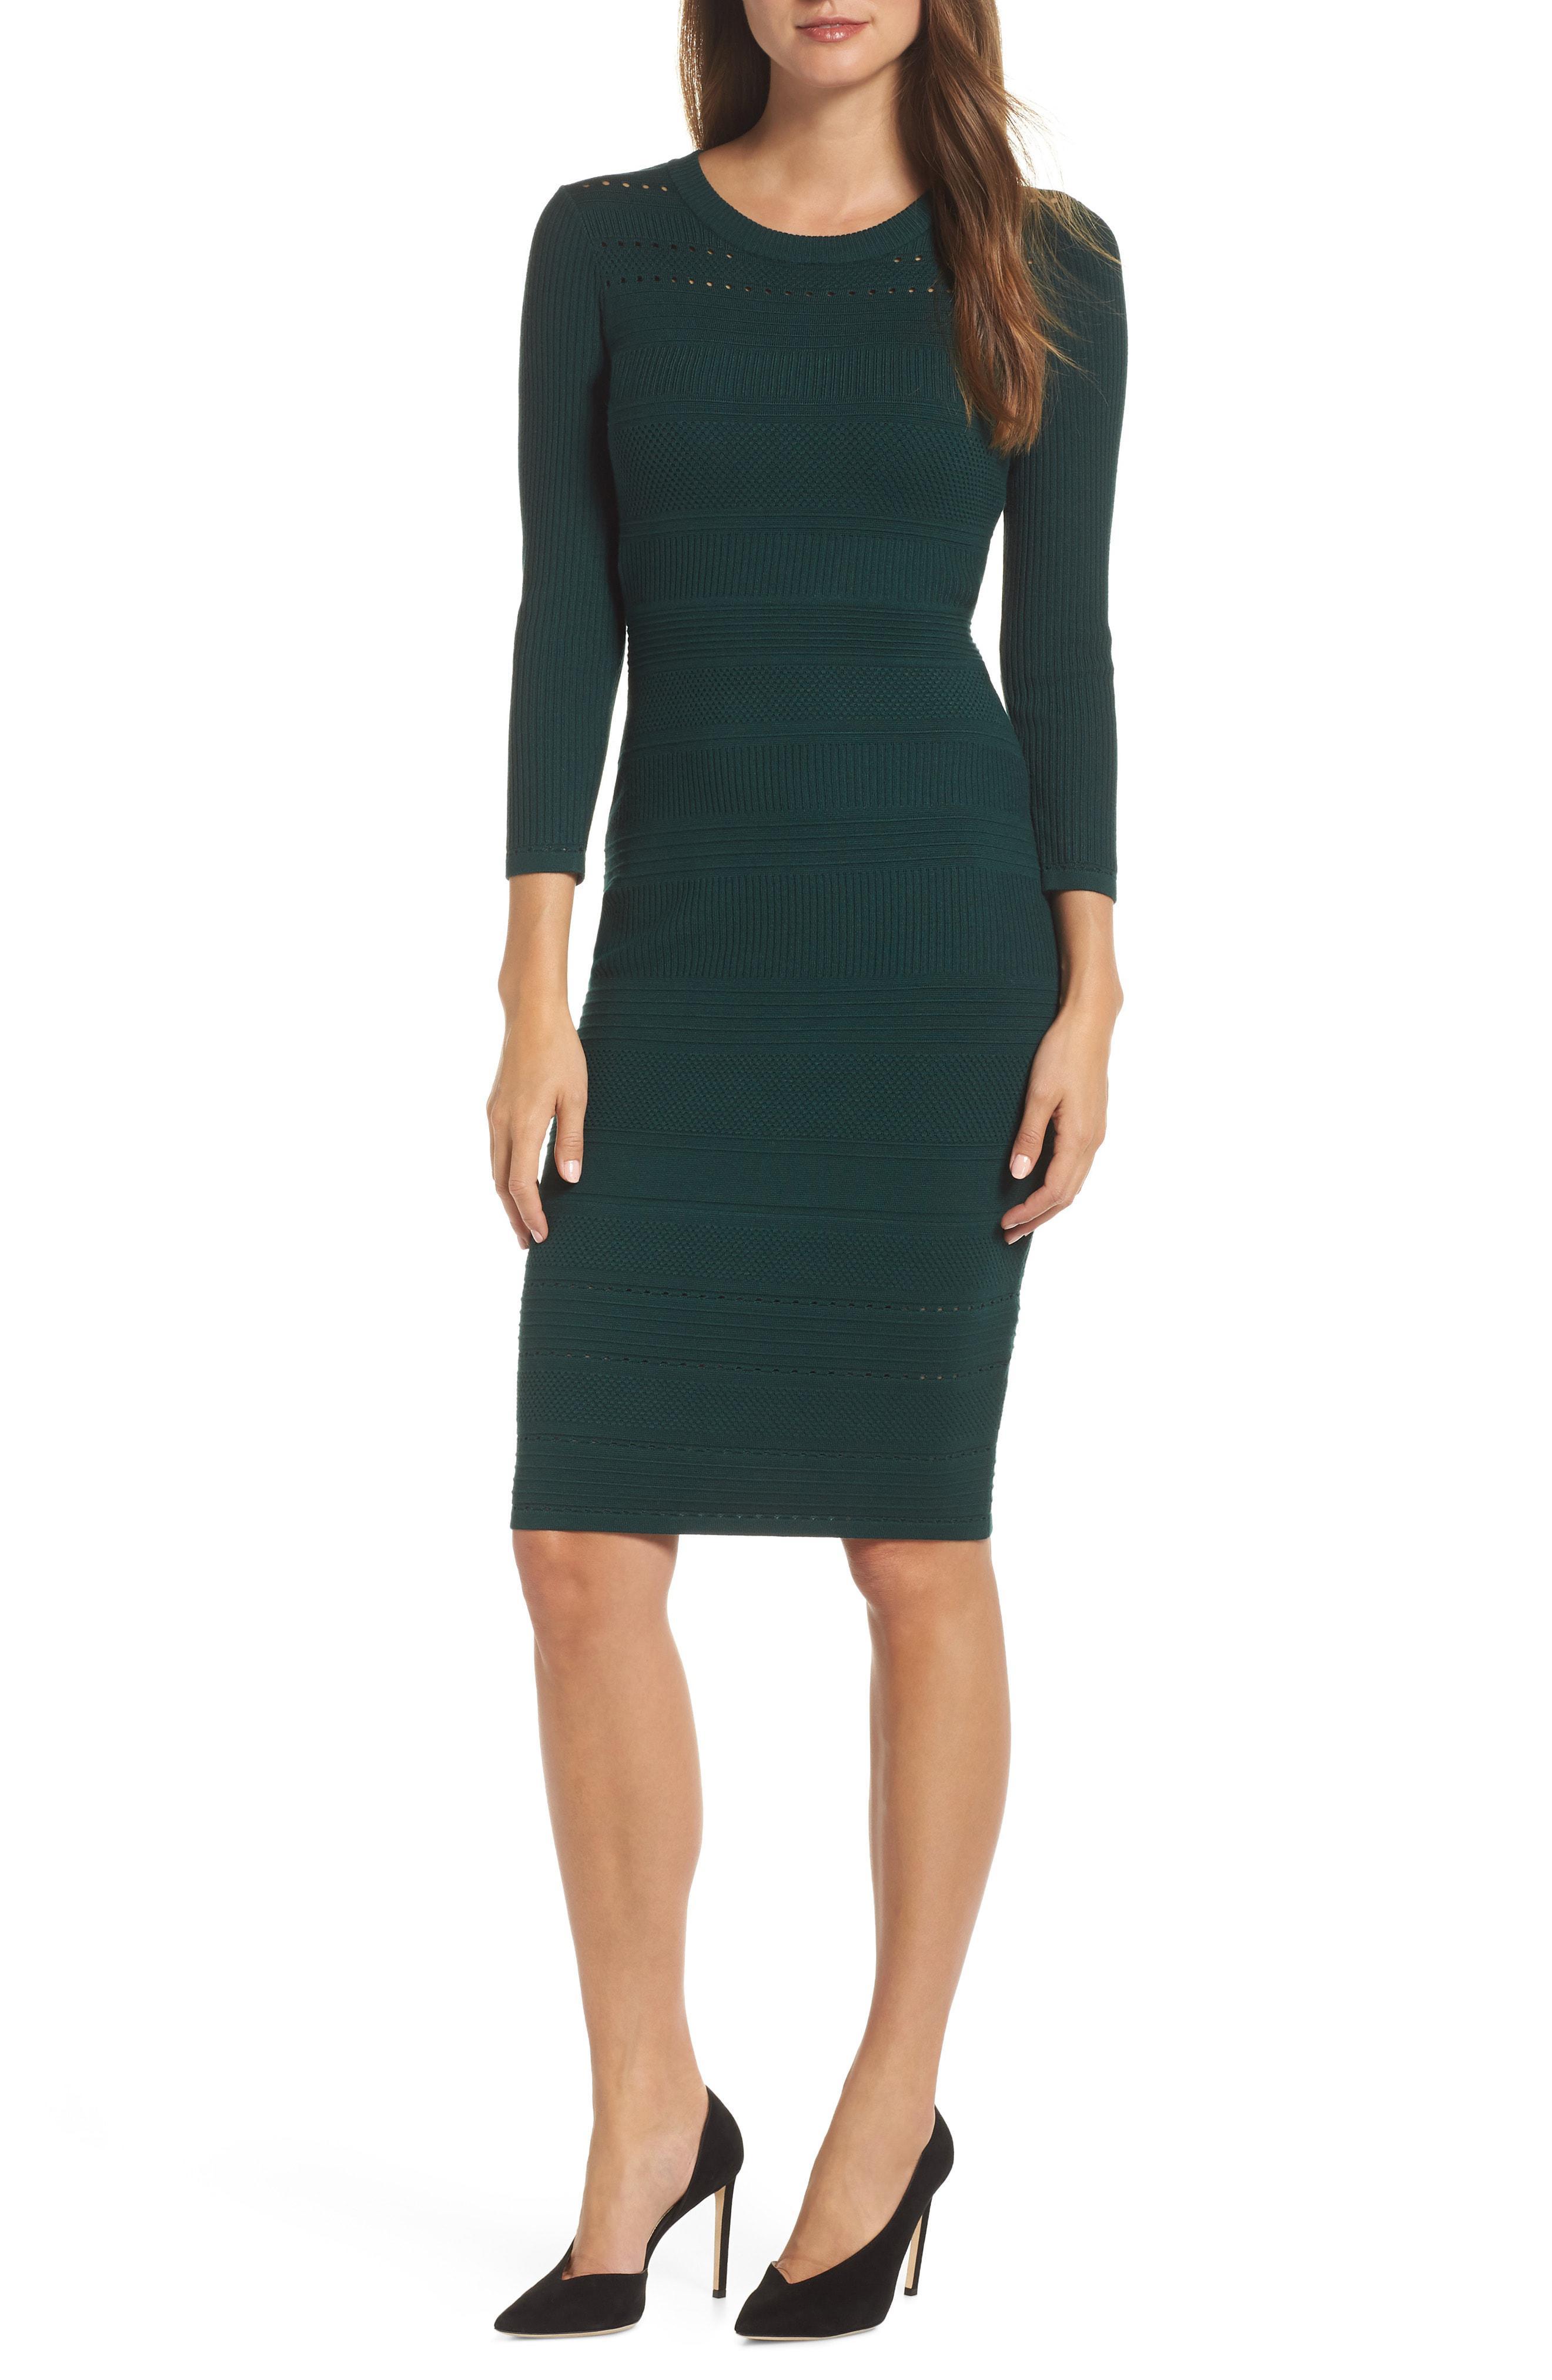 568bd3099f8 Lyst - Eliza J Stitch Detail Sweater Dress in Green